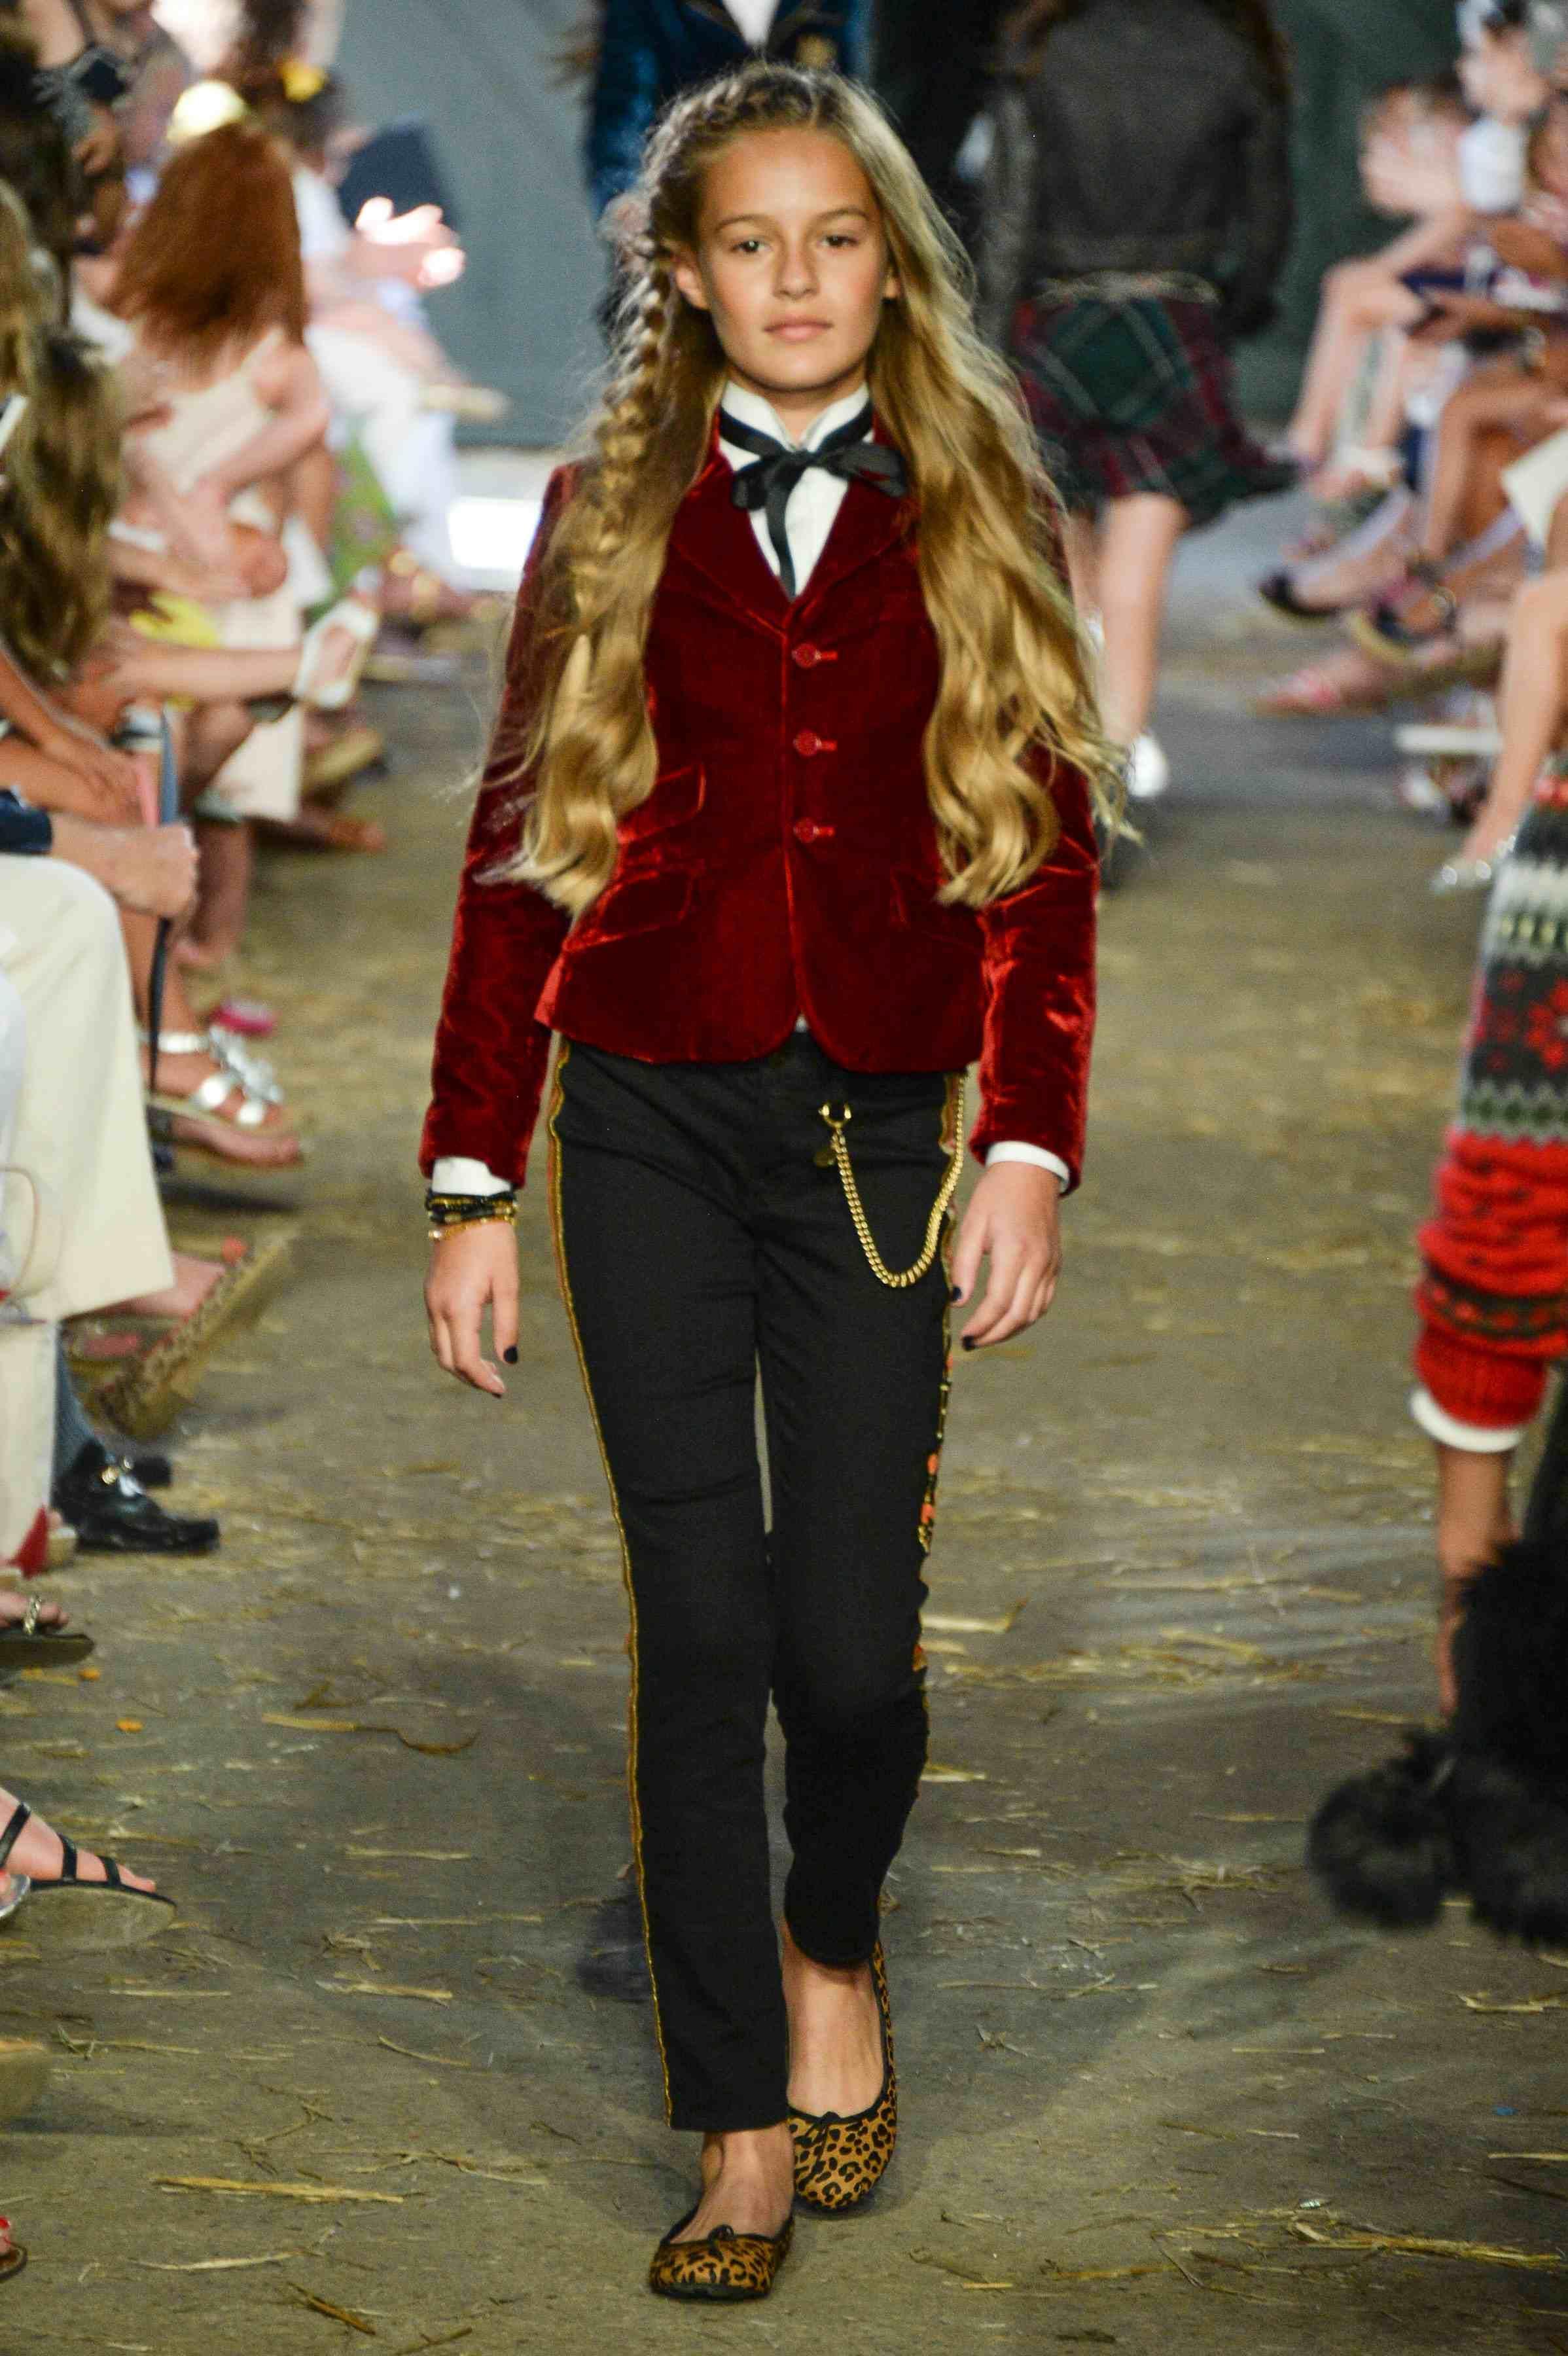 Ralph Lauren Girls Google Search Junge Madchen Mode Madchenmode Mode Fur Kleine Madchen